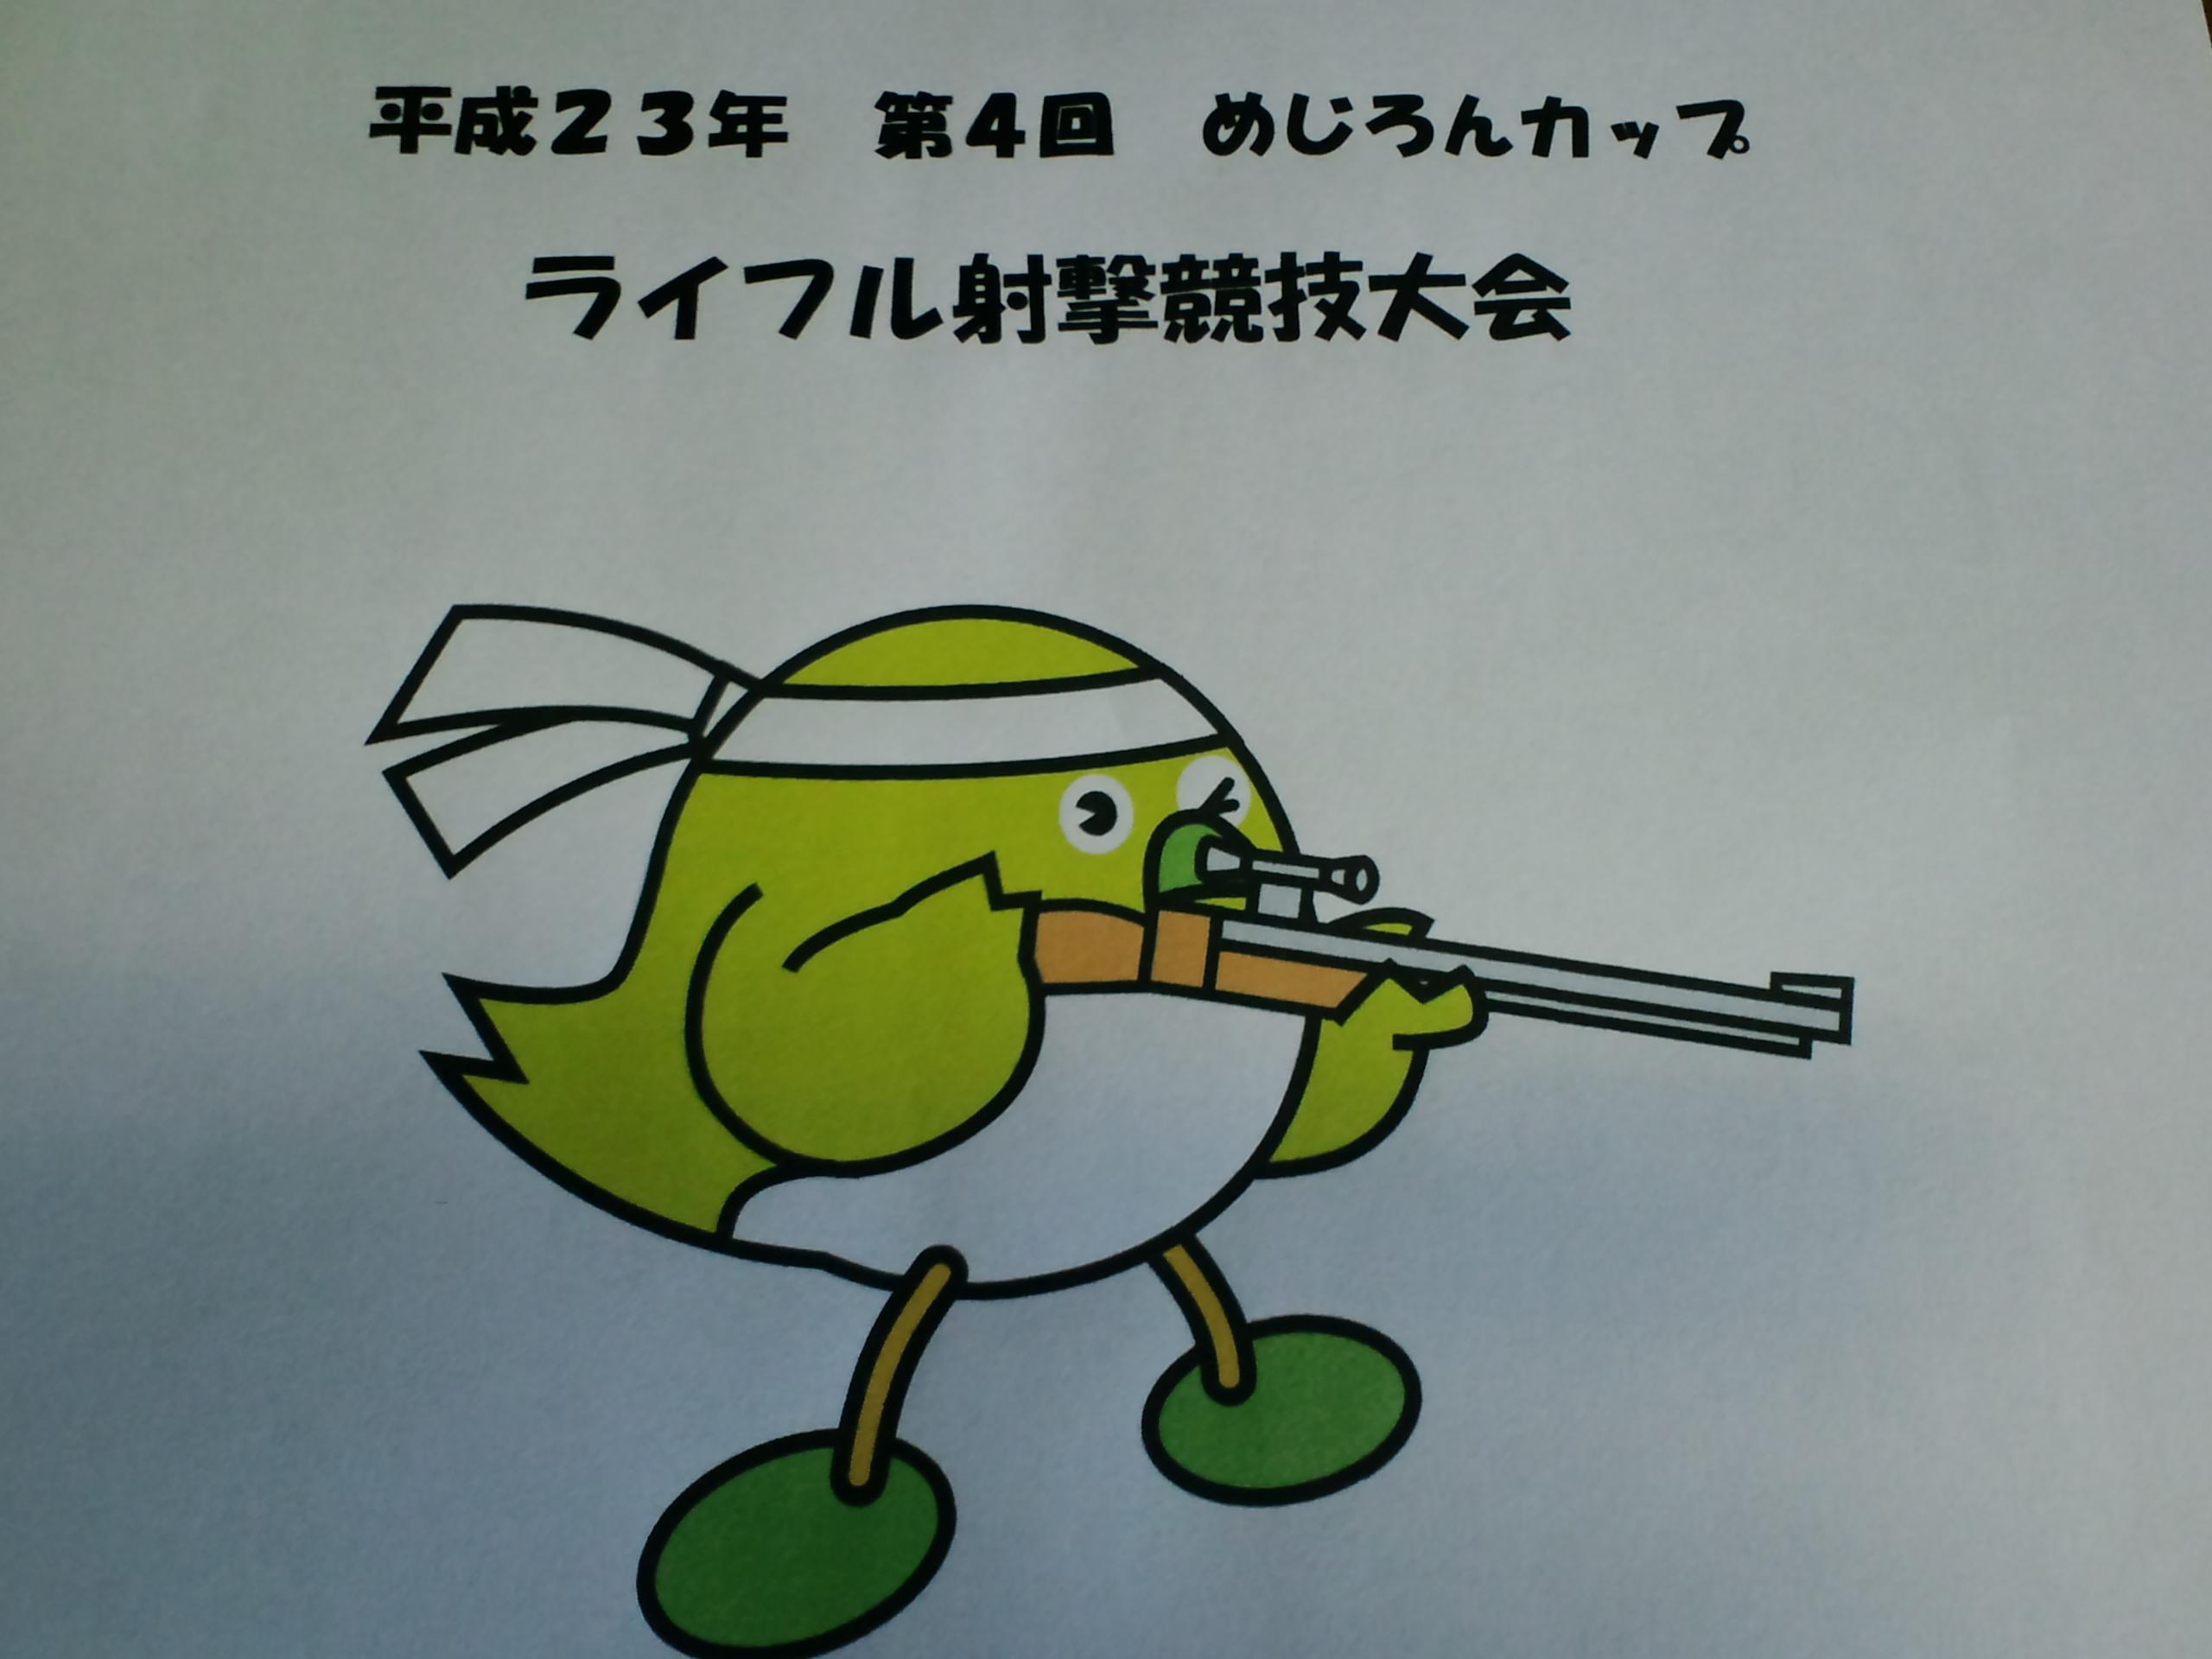 第4回めじろんカップ ライフル射...